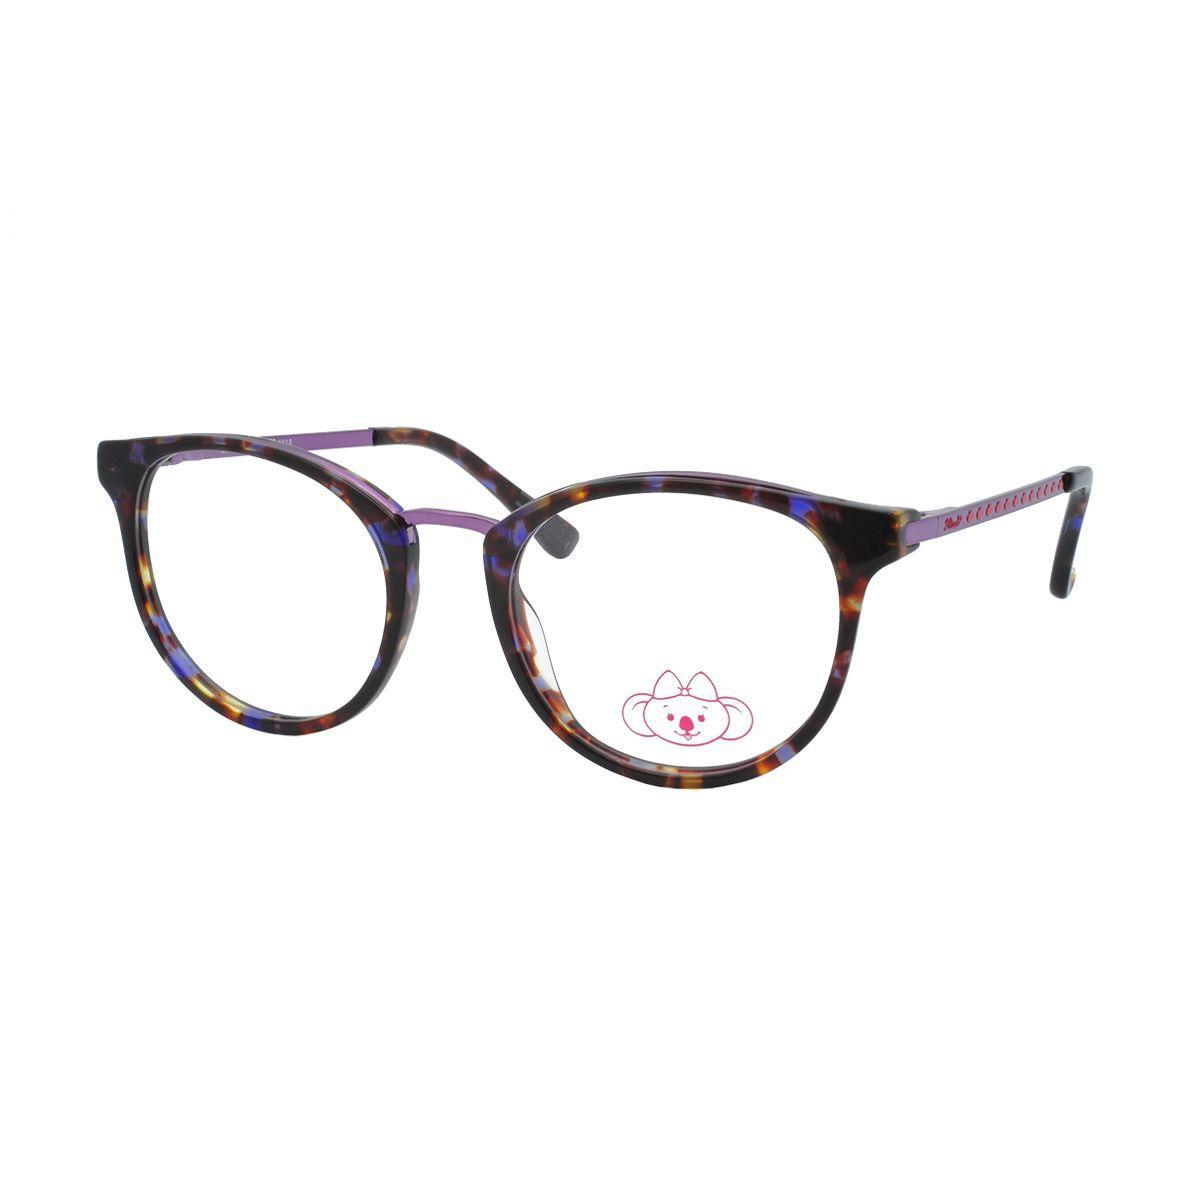 Óculos de Grau Infantil Lilica Ripilica Feminino VLR103 C3 - Acetato  Tartaruga e Metal Roxo Produto não disponível 6a0ba99e22